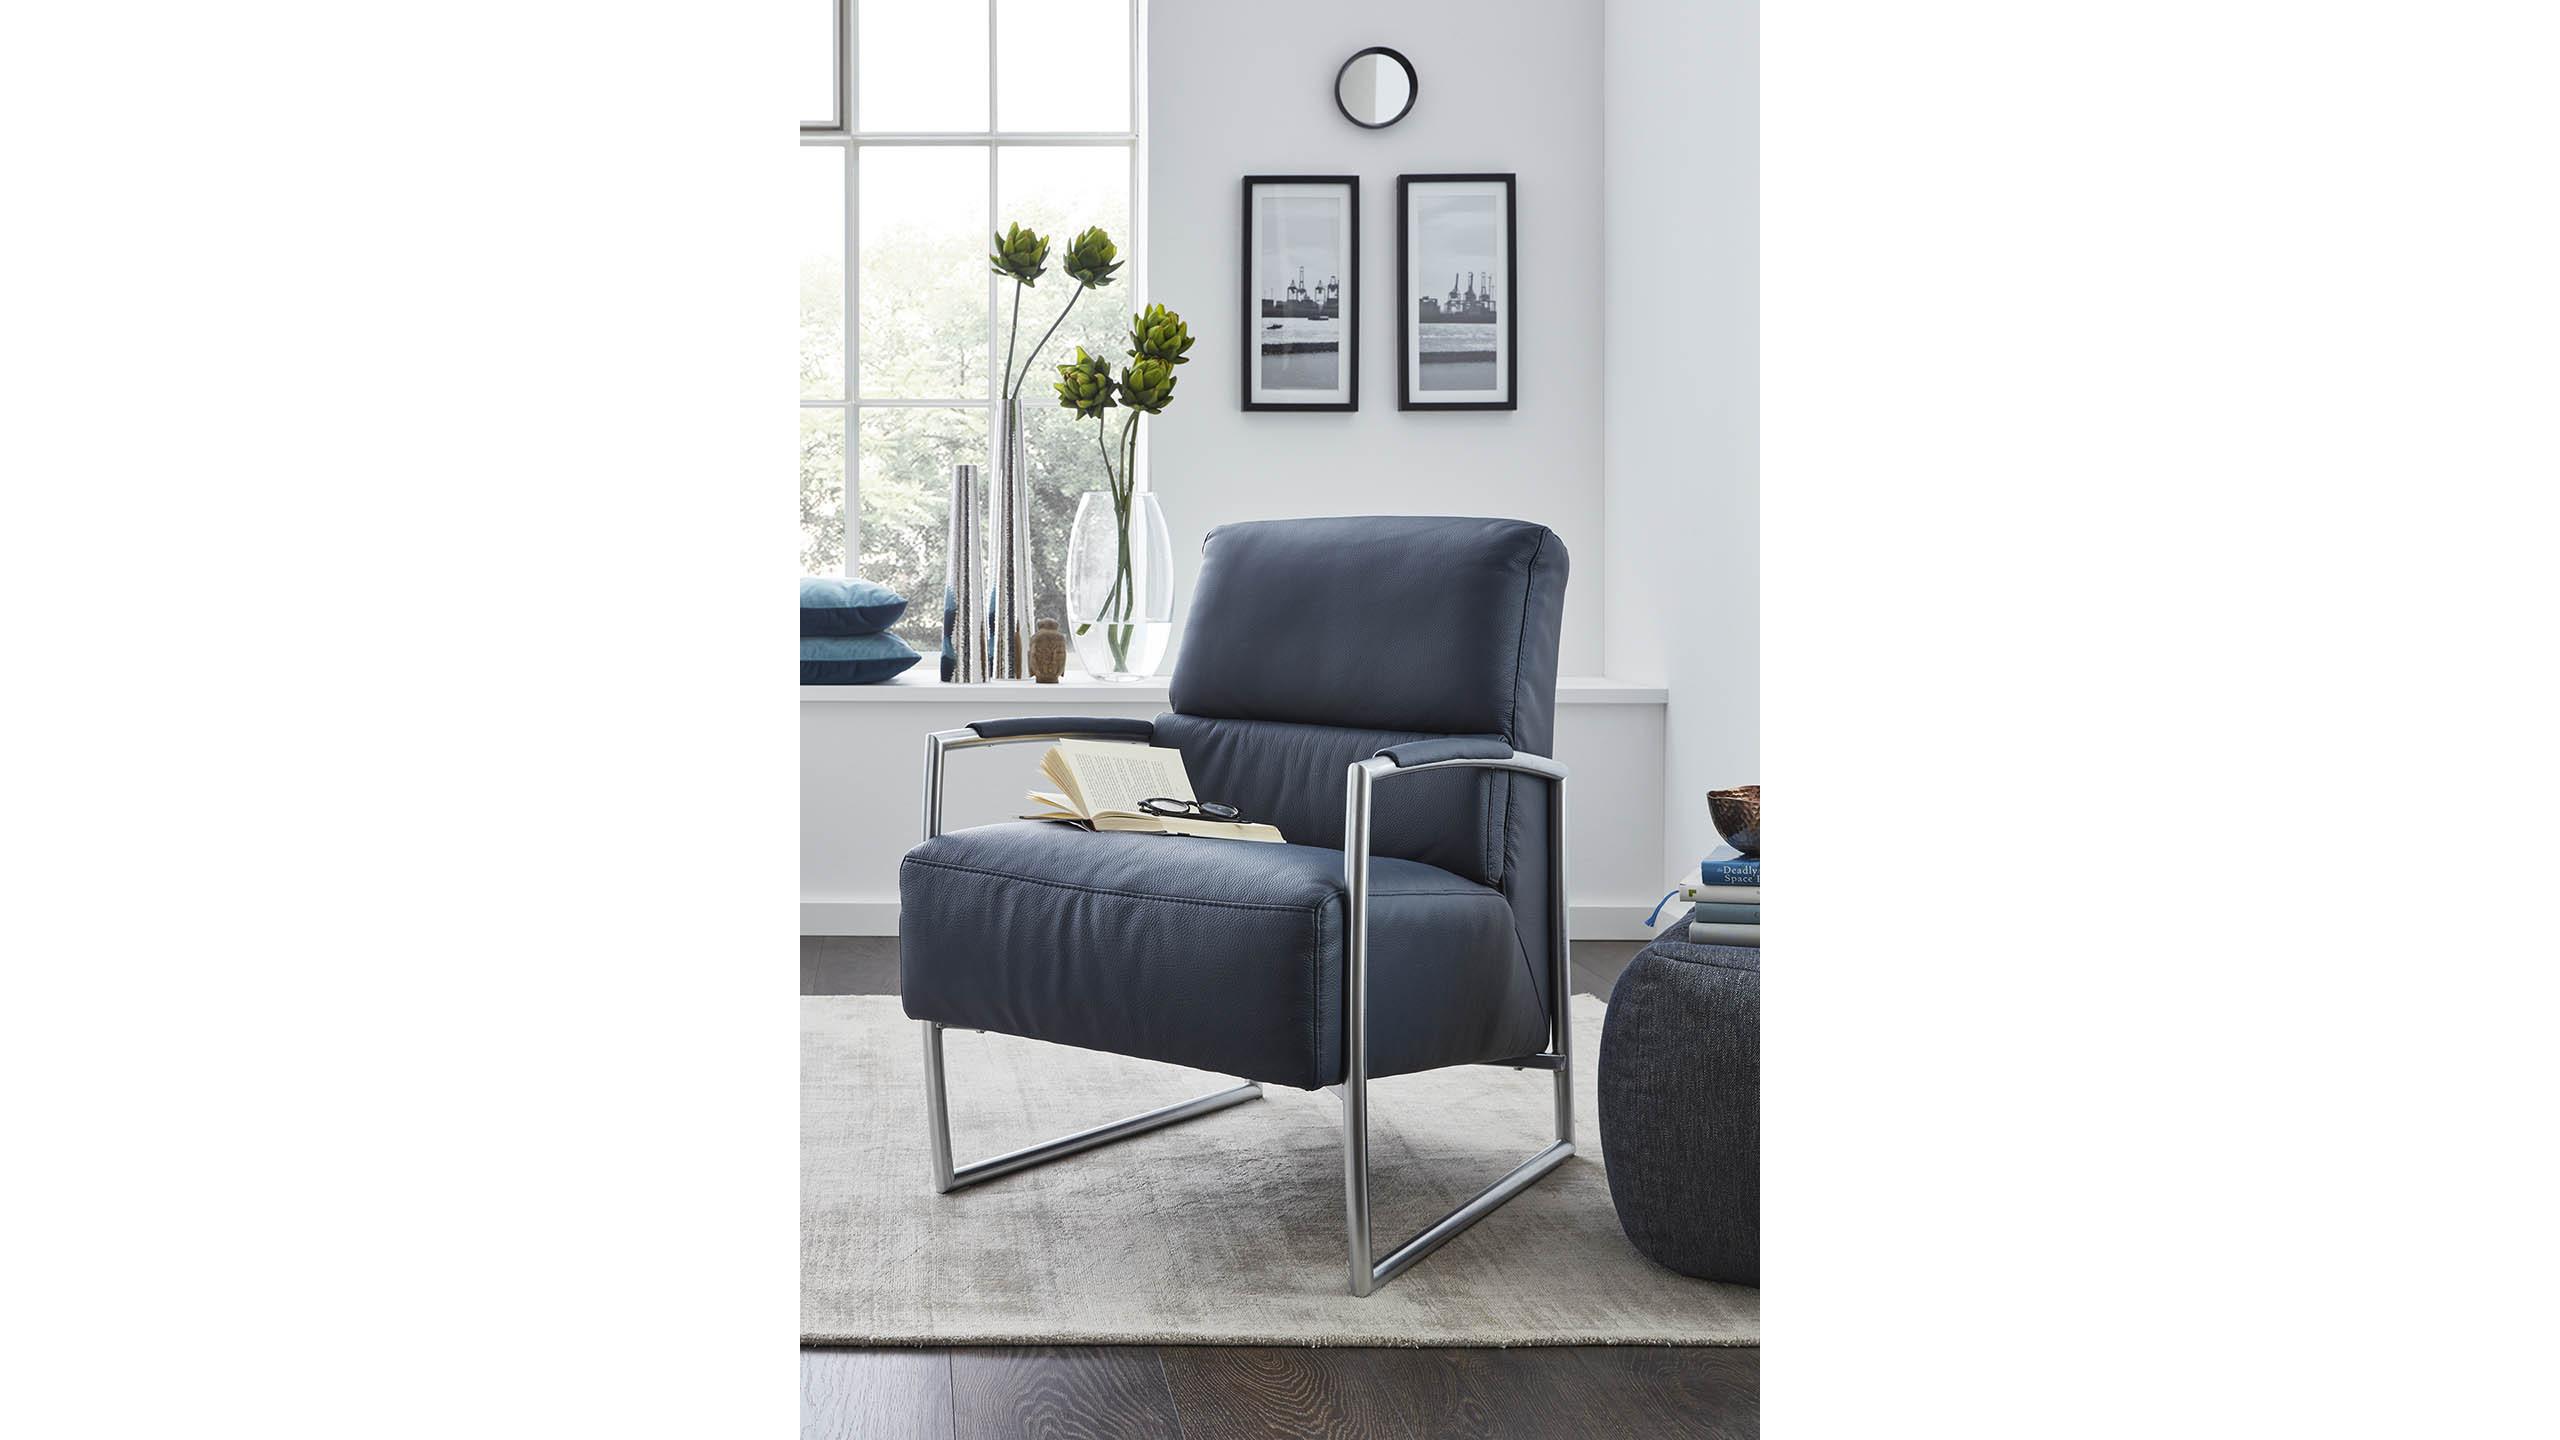 sessel wohnzimmer m bel m bel fischer. Black Bedroom Furniture Sets. Home Design Ideas